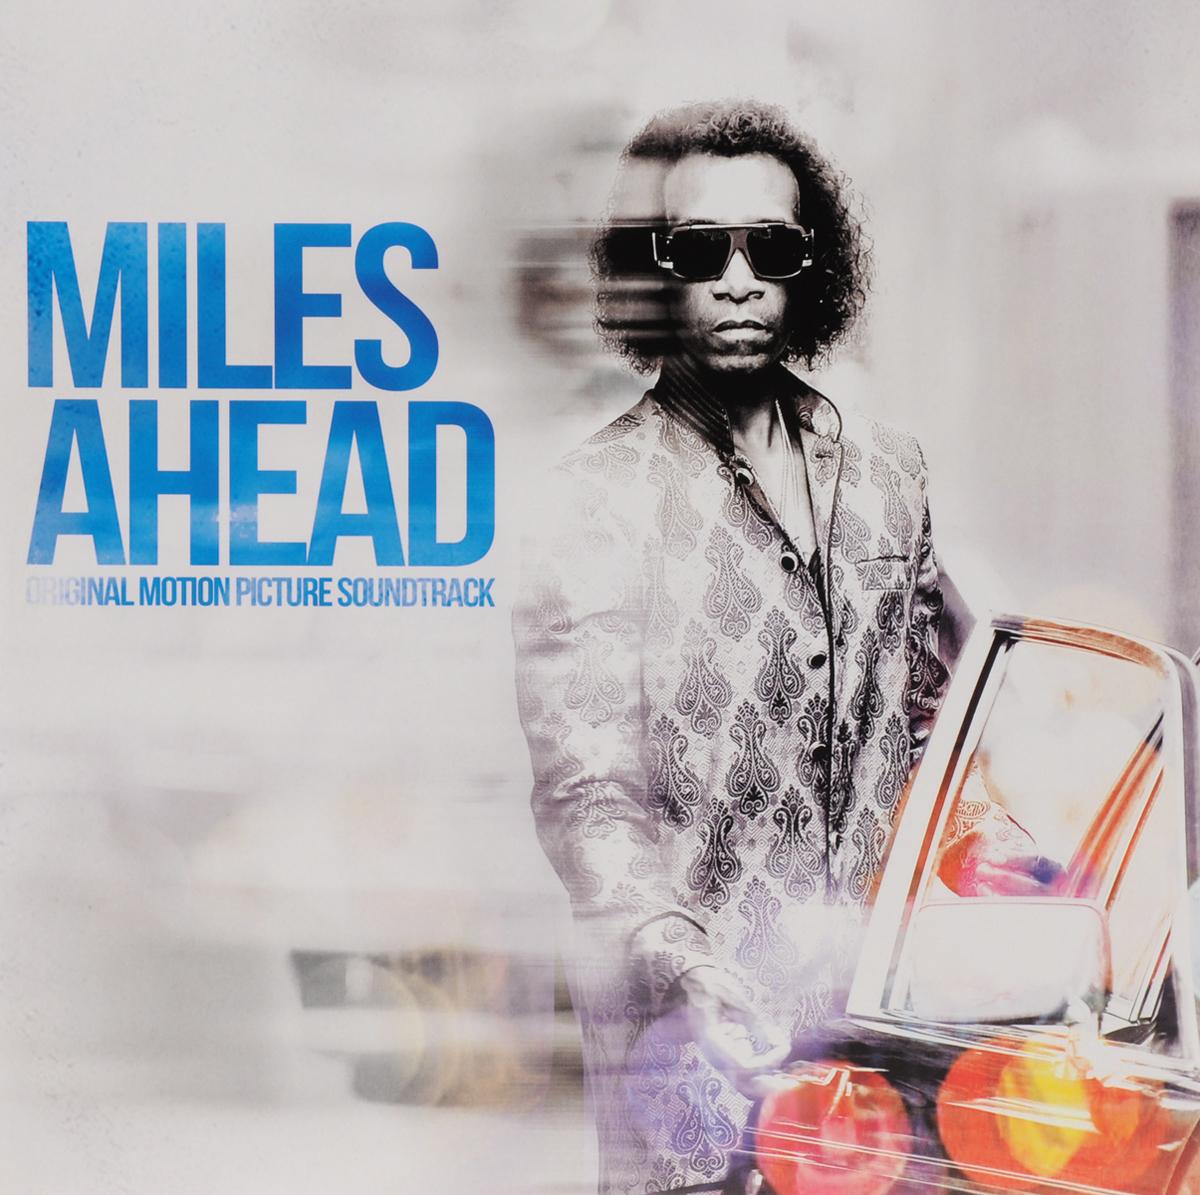 лучшая цена Майлз Дэвис Miles Ahead. Original Motion Picture Soundtrack (2 LP)